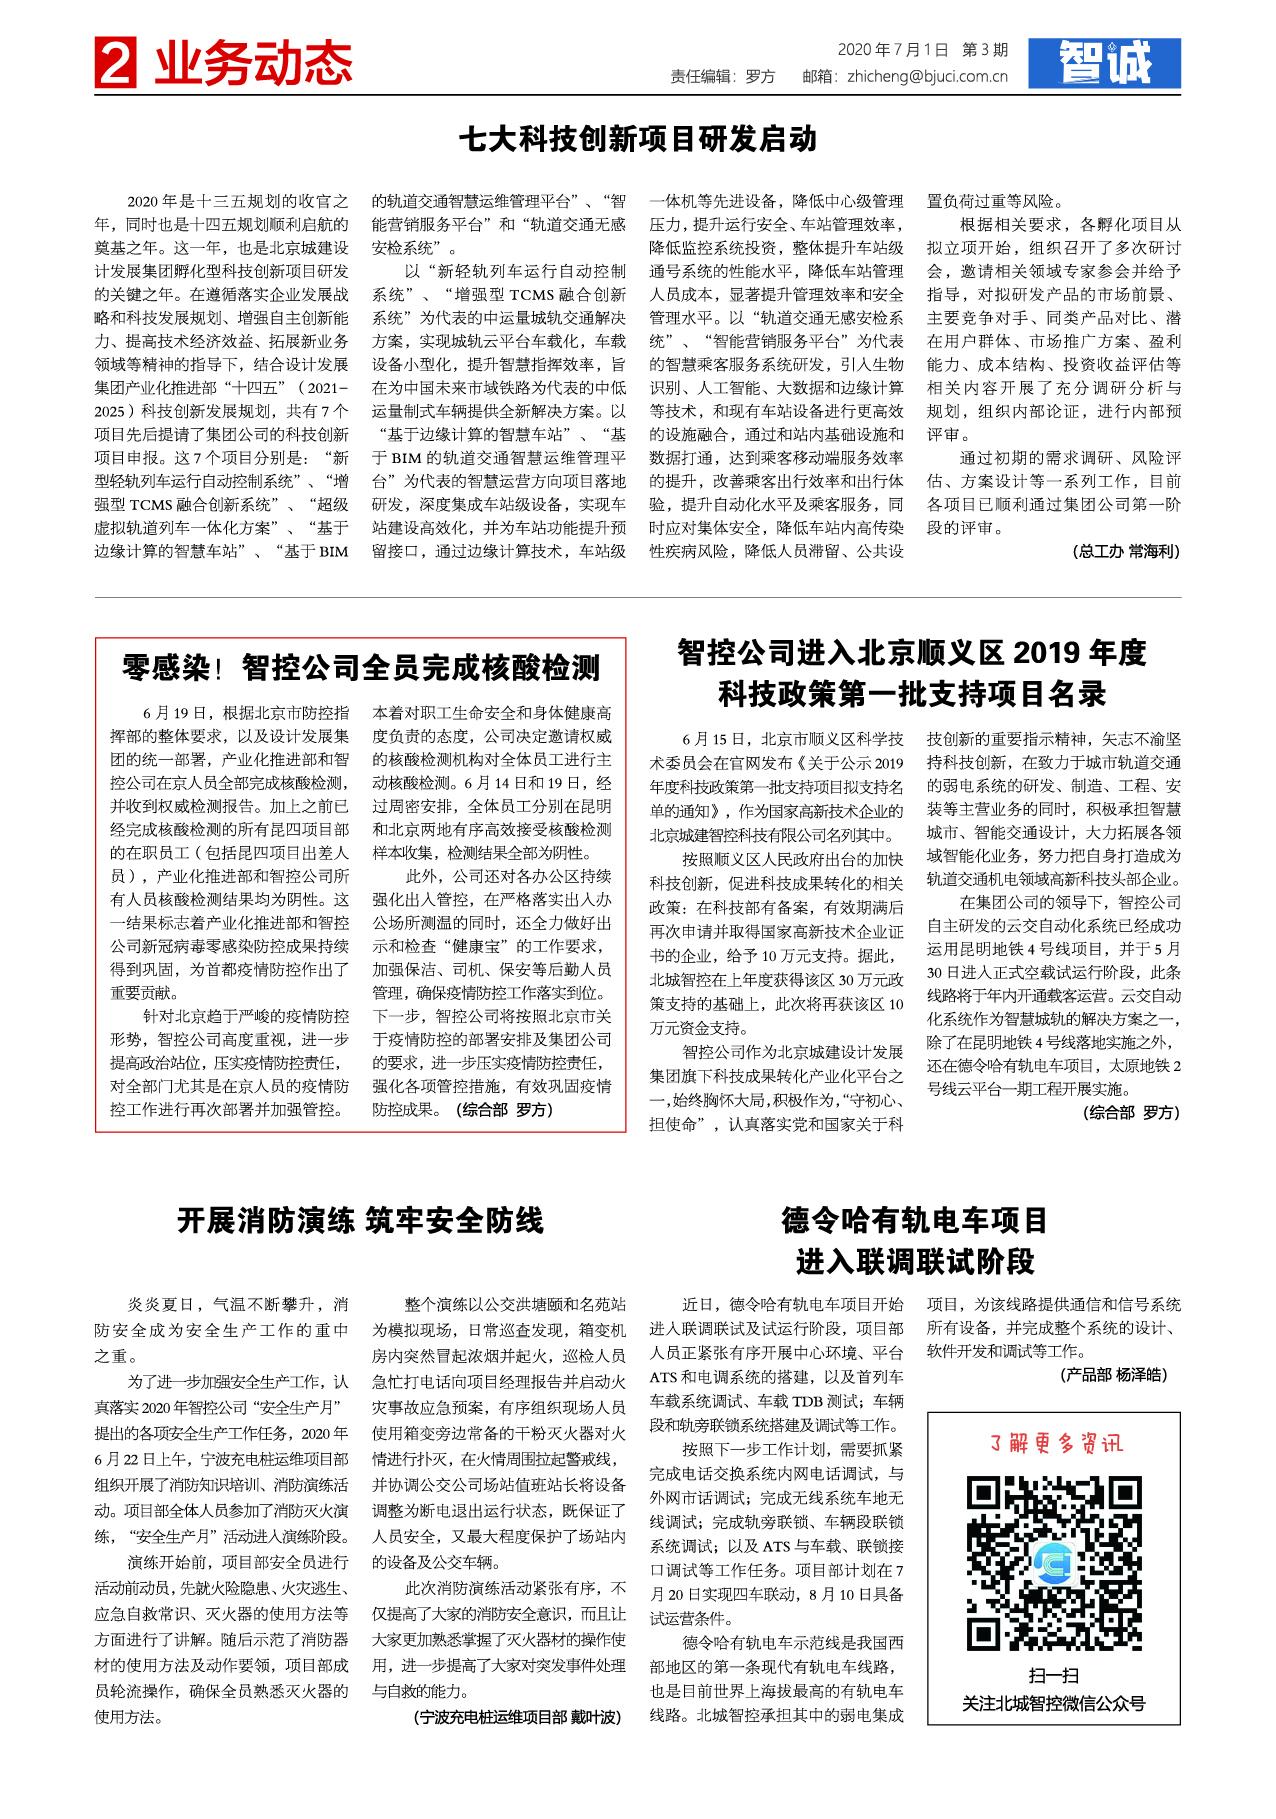 第3期(转曲印刷文件)4